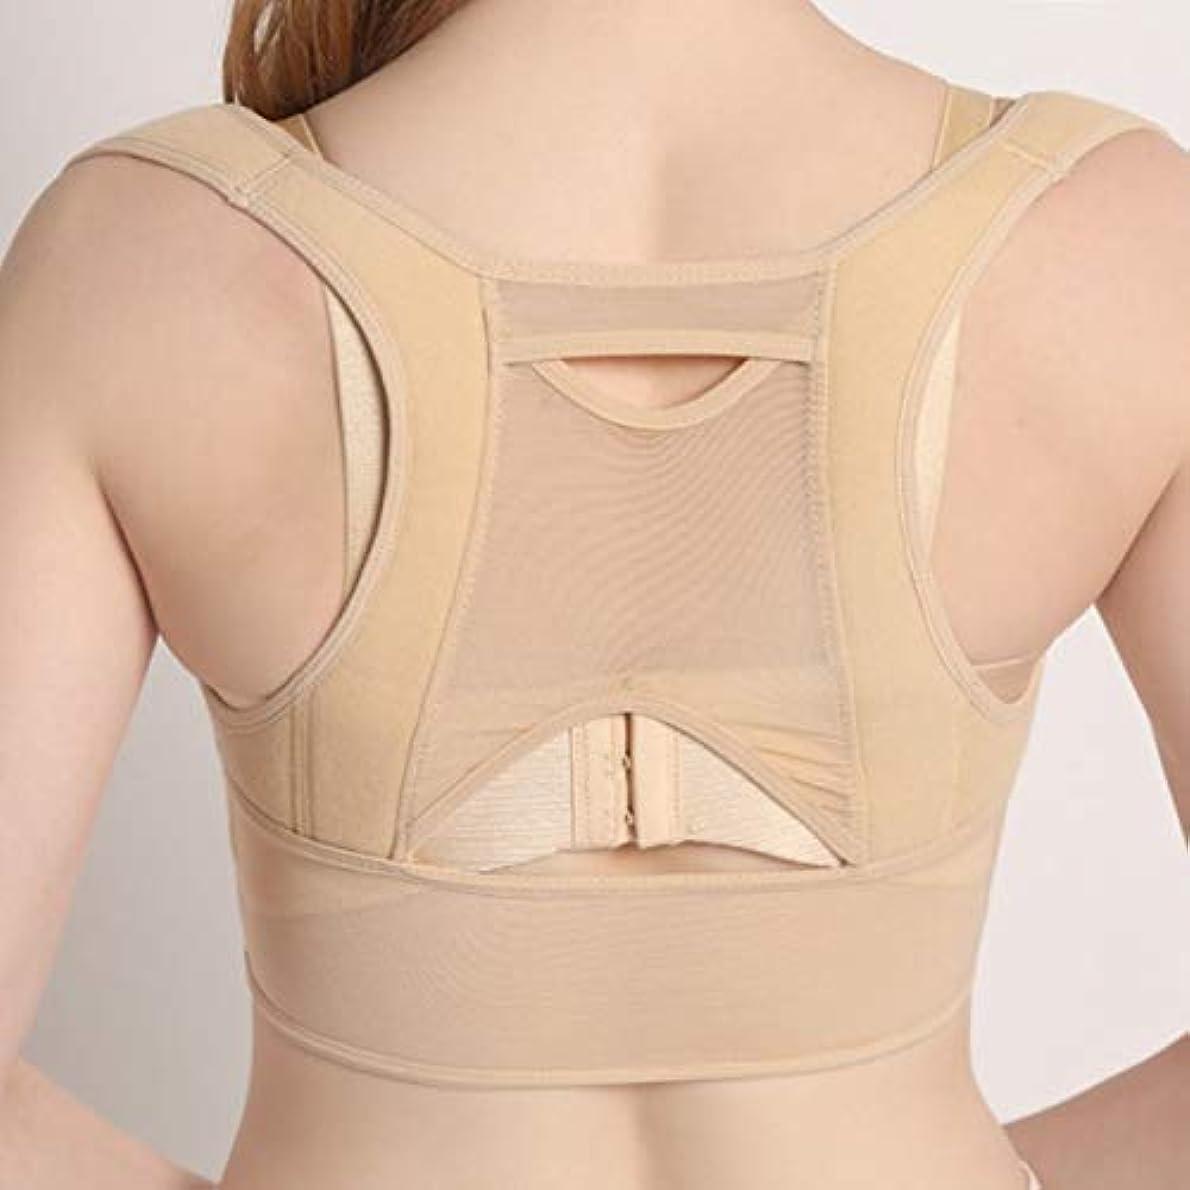 アイデア国家研磨通気性のある女性の背部姿勢補正コルセット整形外科の背部肩背骨姿勢補正器腰部サポート-ベージュホワイトL